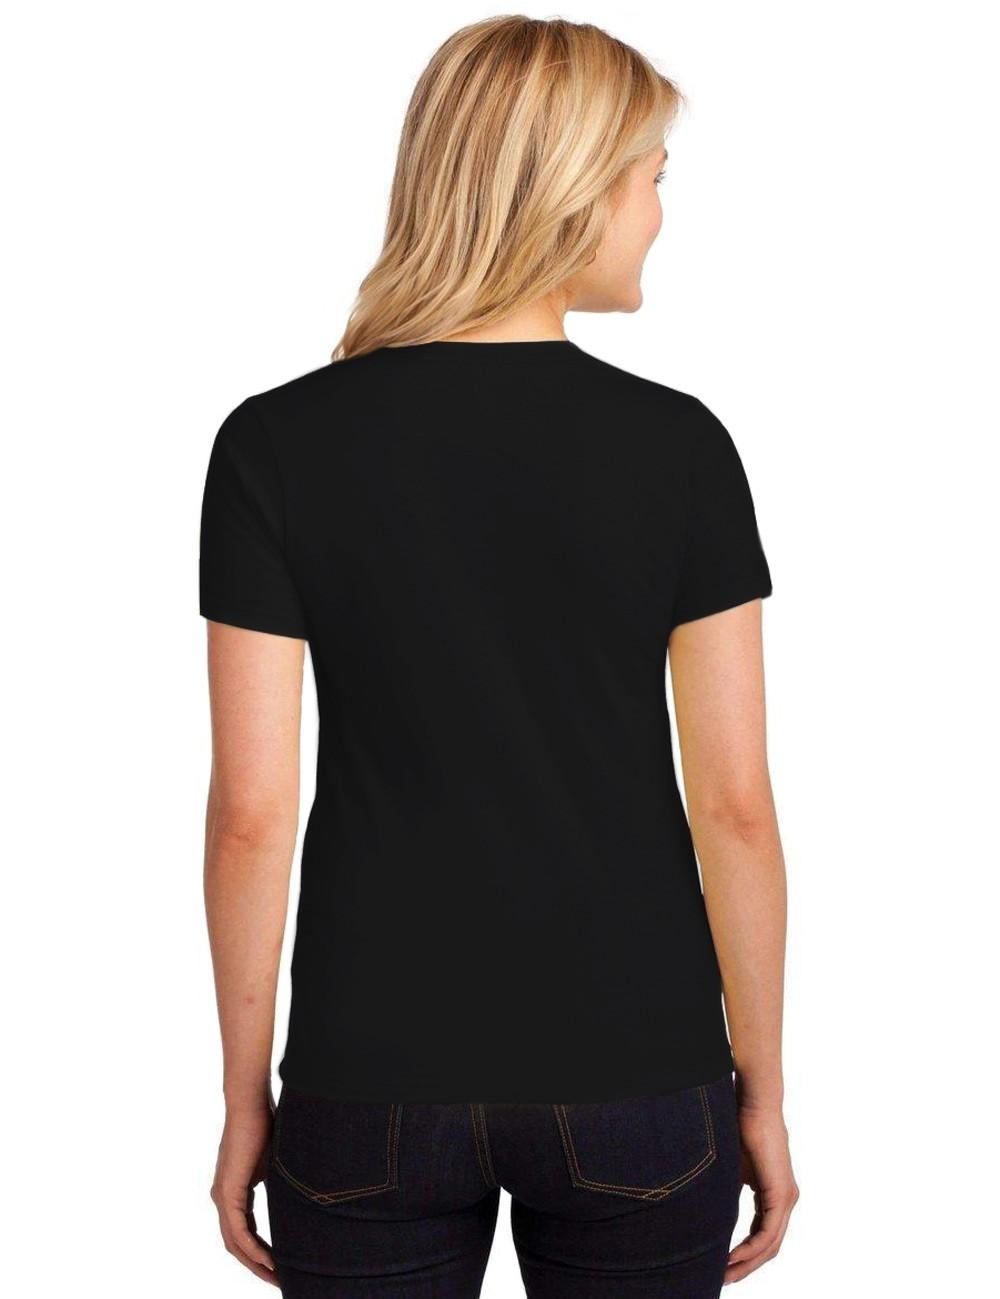 Camiseta Feminina T-Shirt Universitária Faculdade Logística